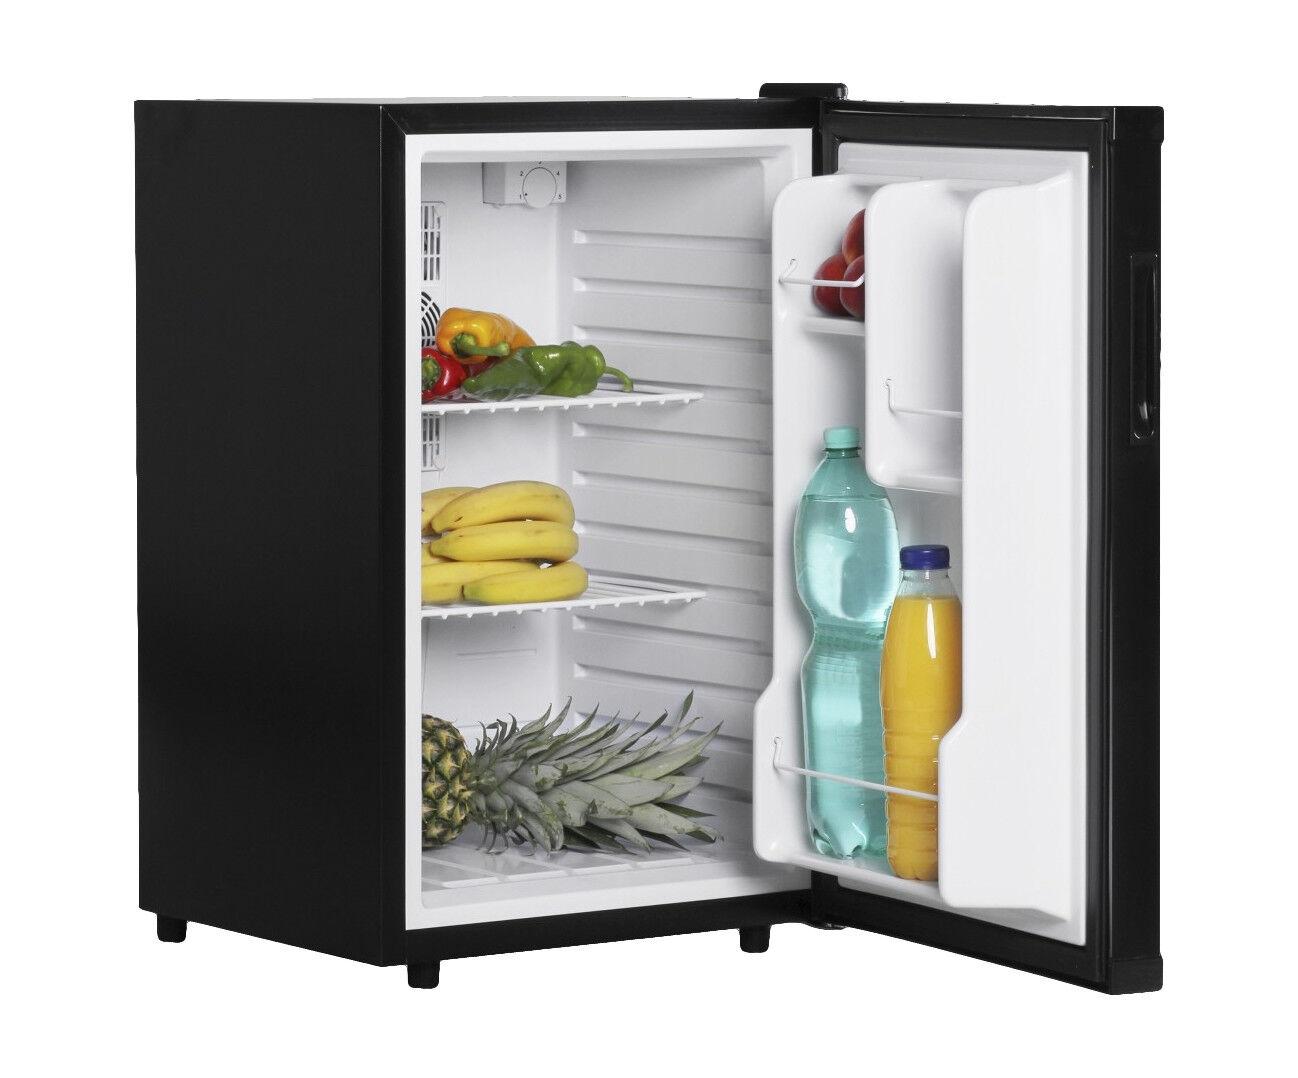 Amstyle Mini Kühlschrank Minibar Schwarz 46 L : Amstyle minibar kühlschrank sph liter schwarz eek a ebay